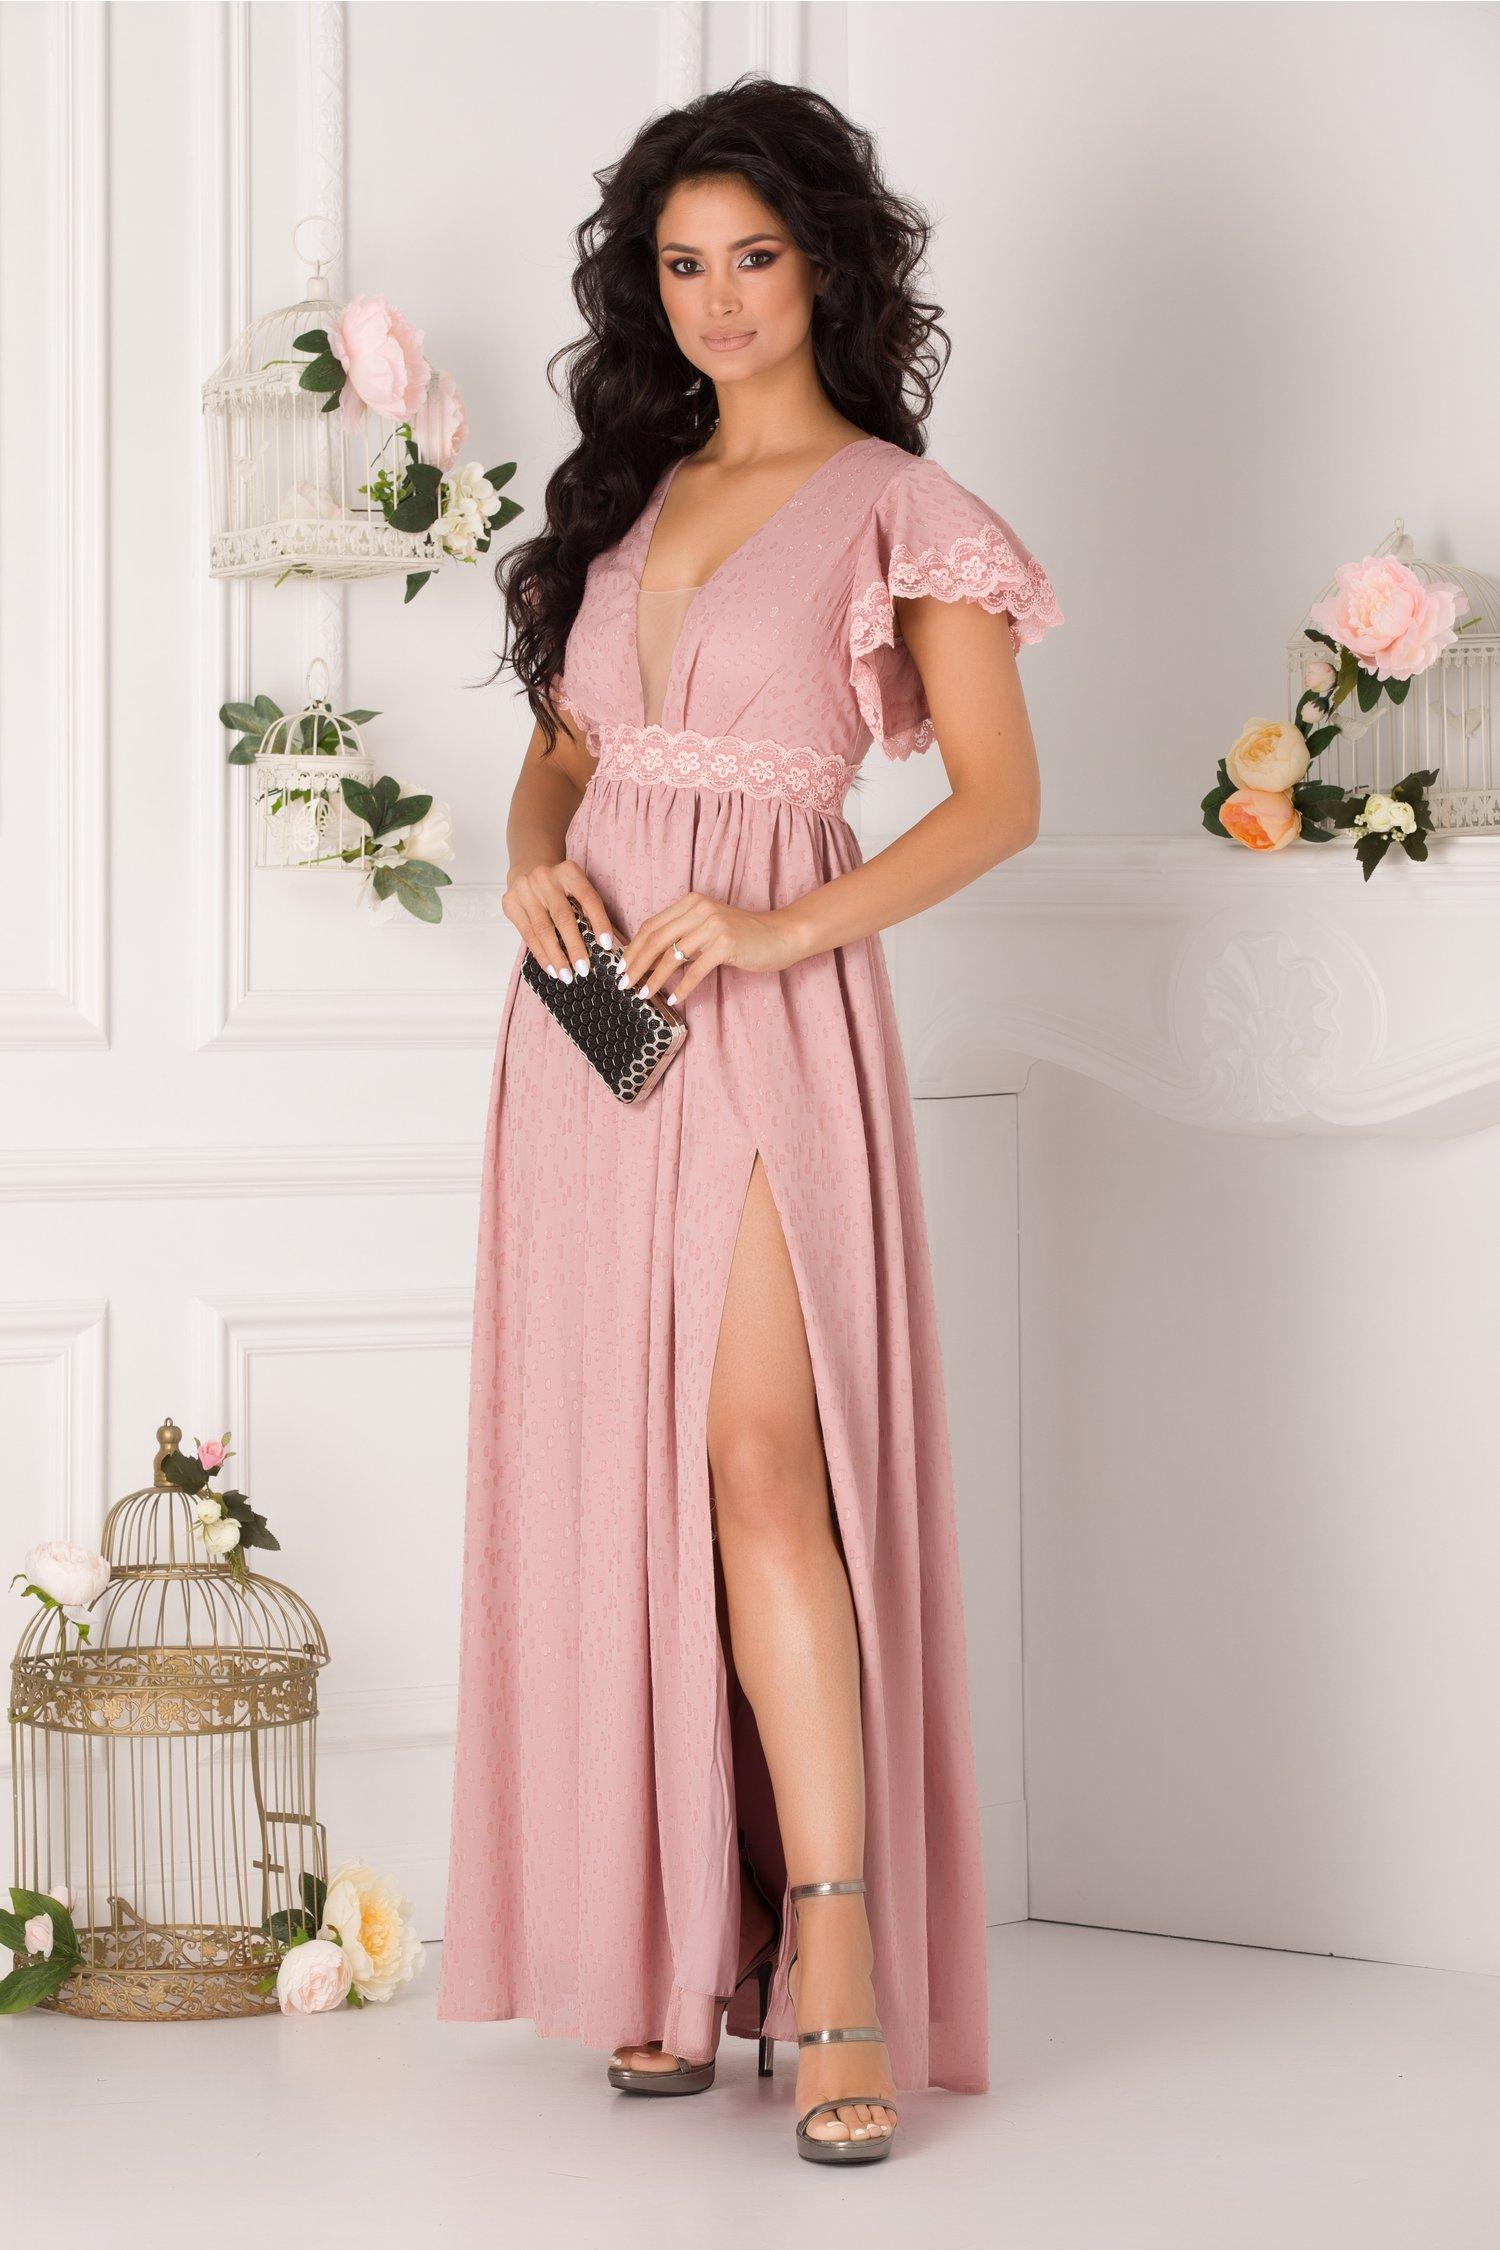 Rochie Amedeea lunga roz prafuit cu aplicatii din dantela